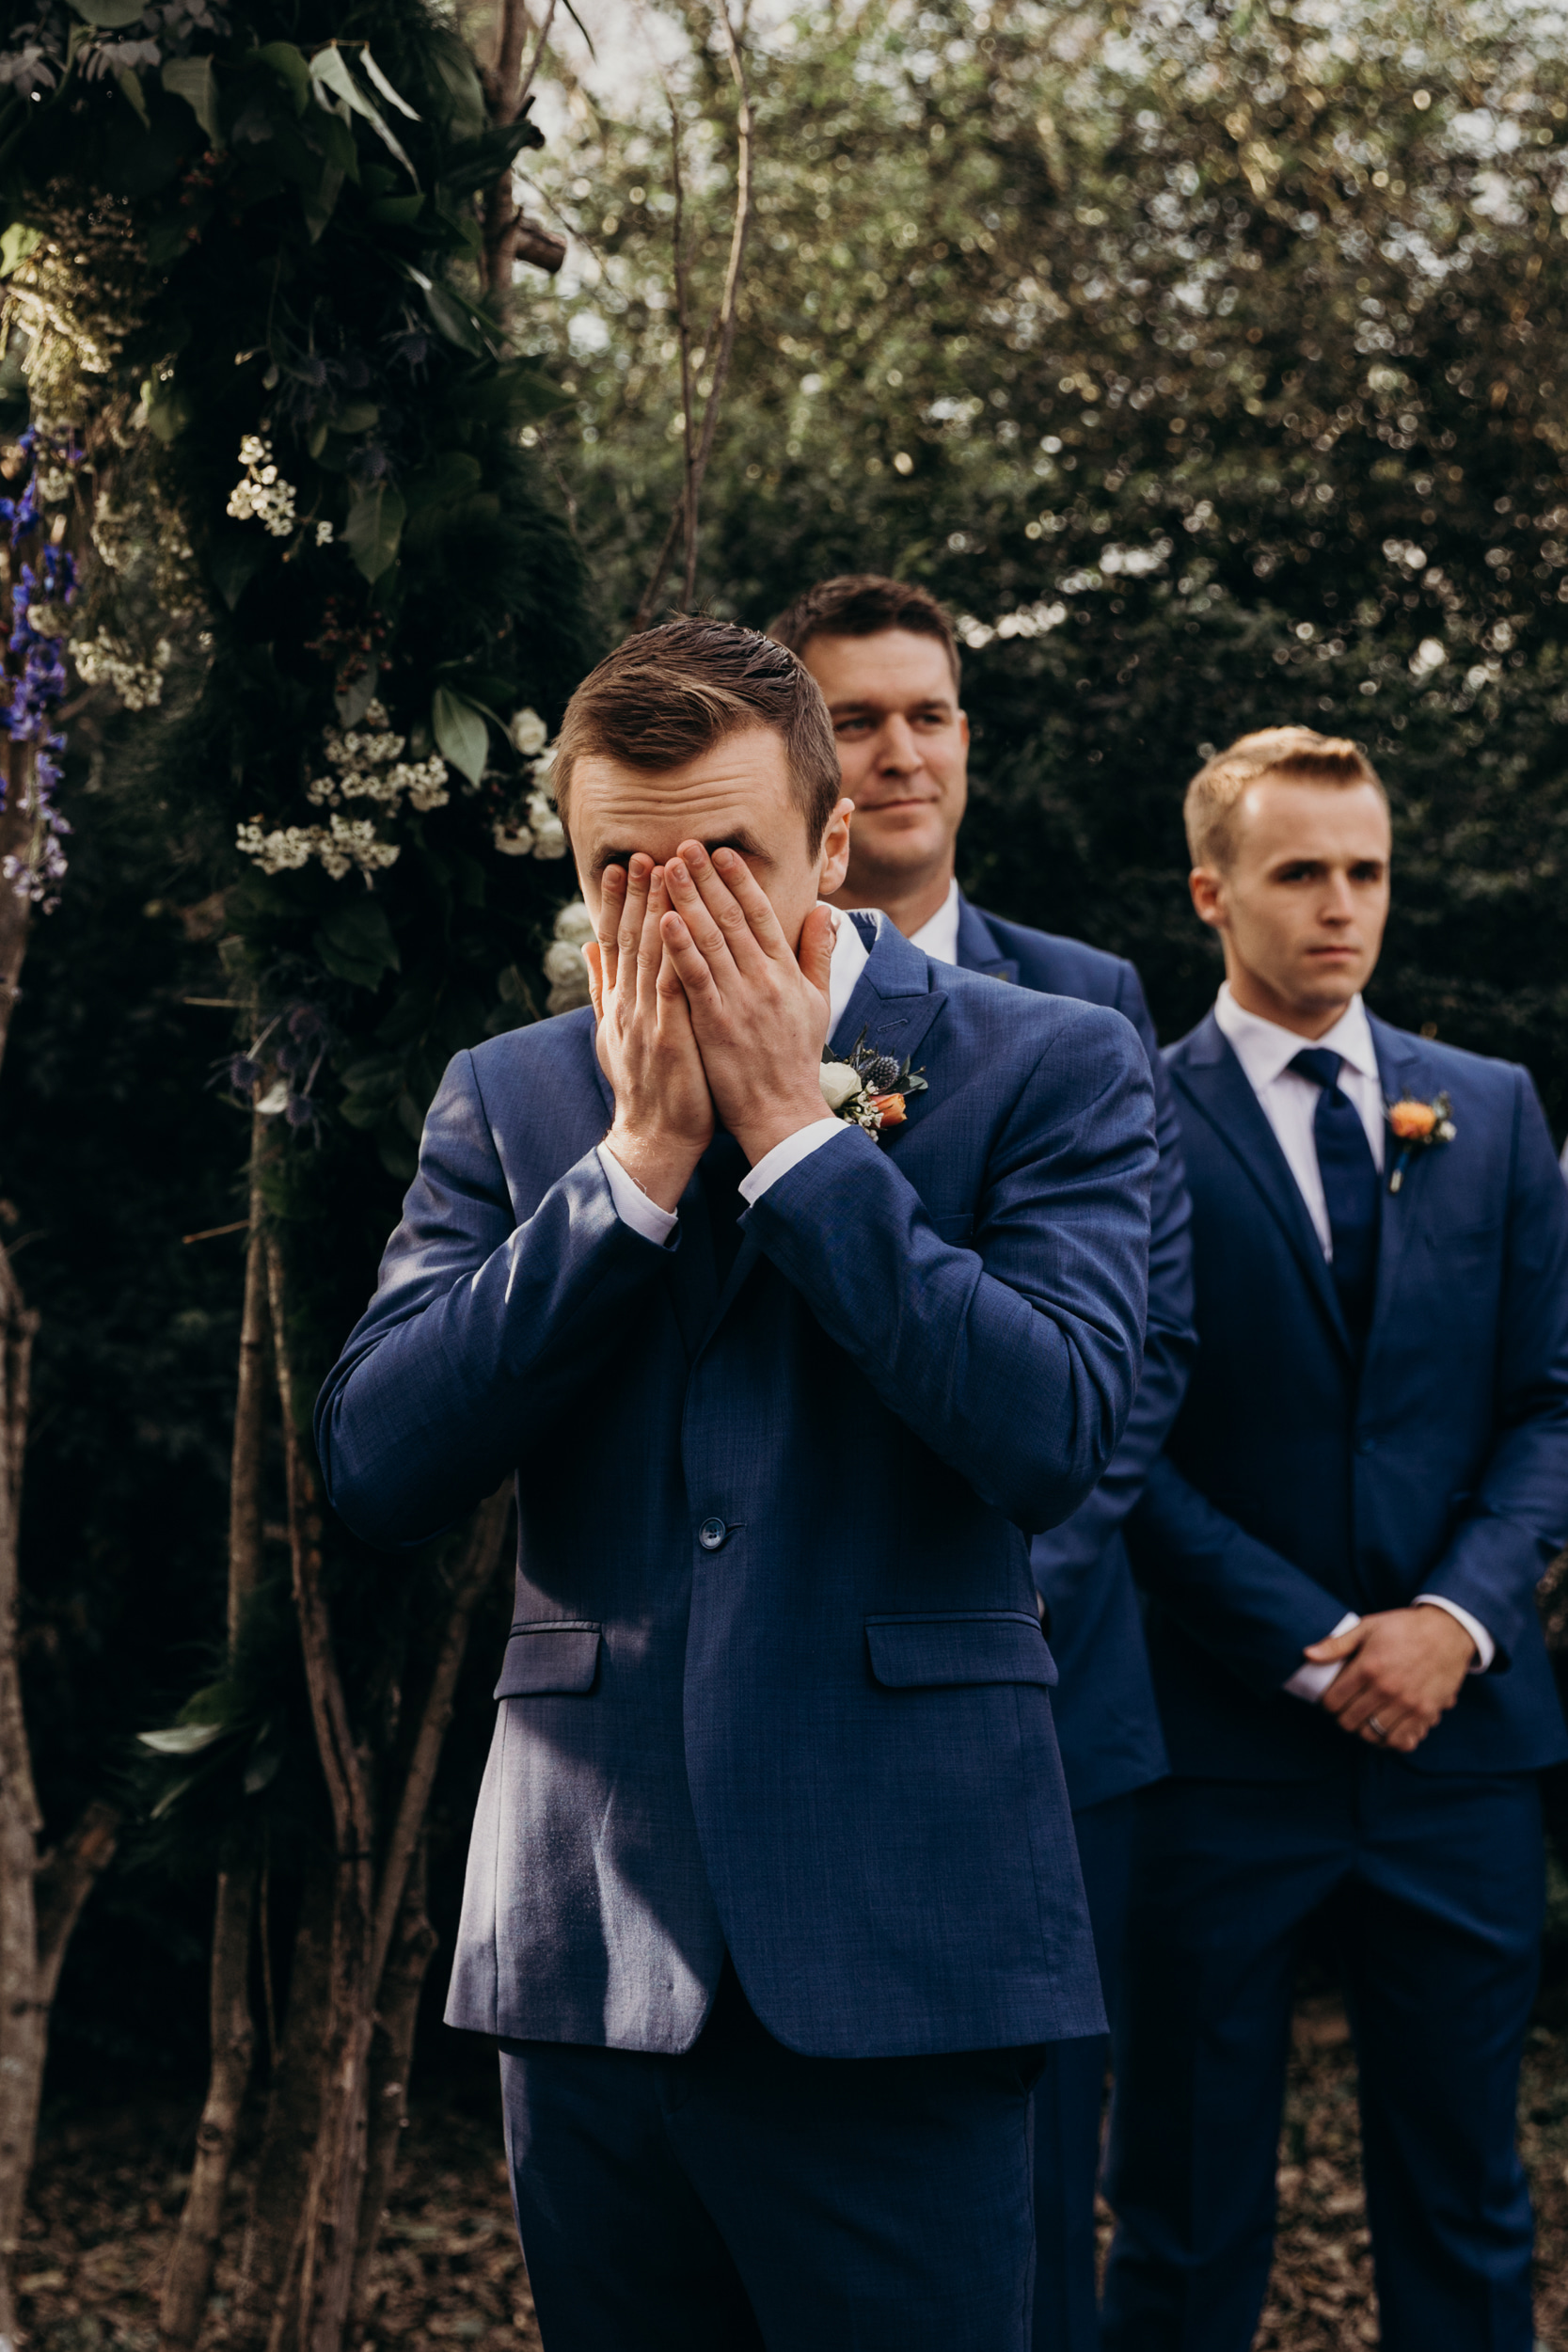 457-ltw-morgan-adam-wedding.jpg